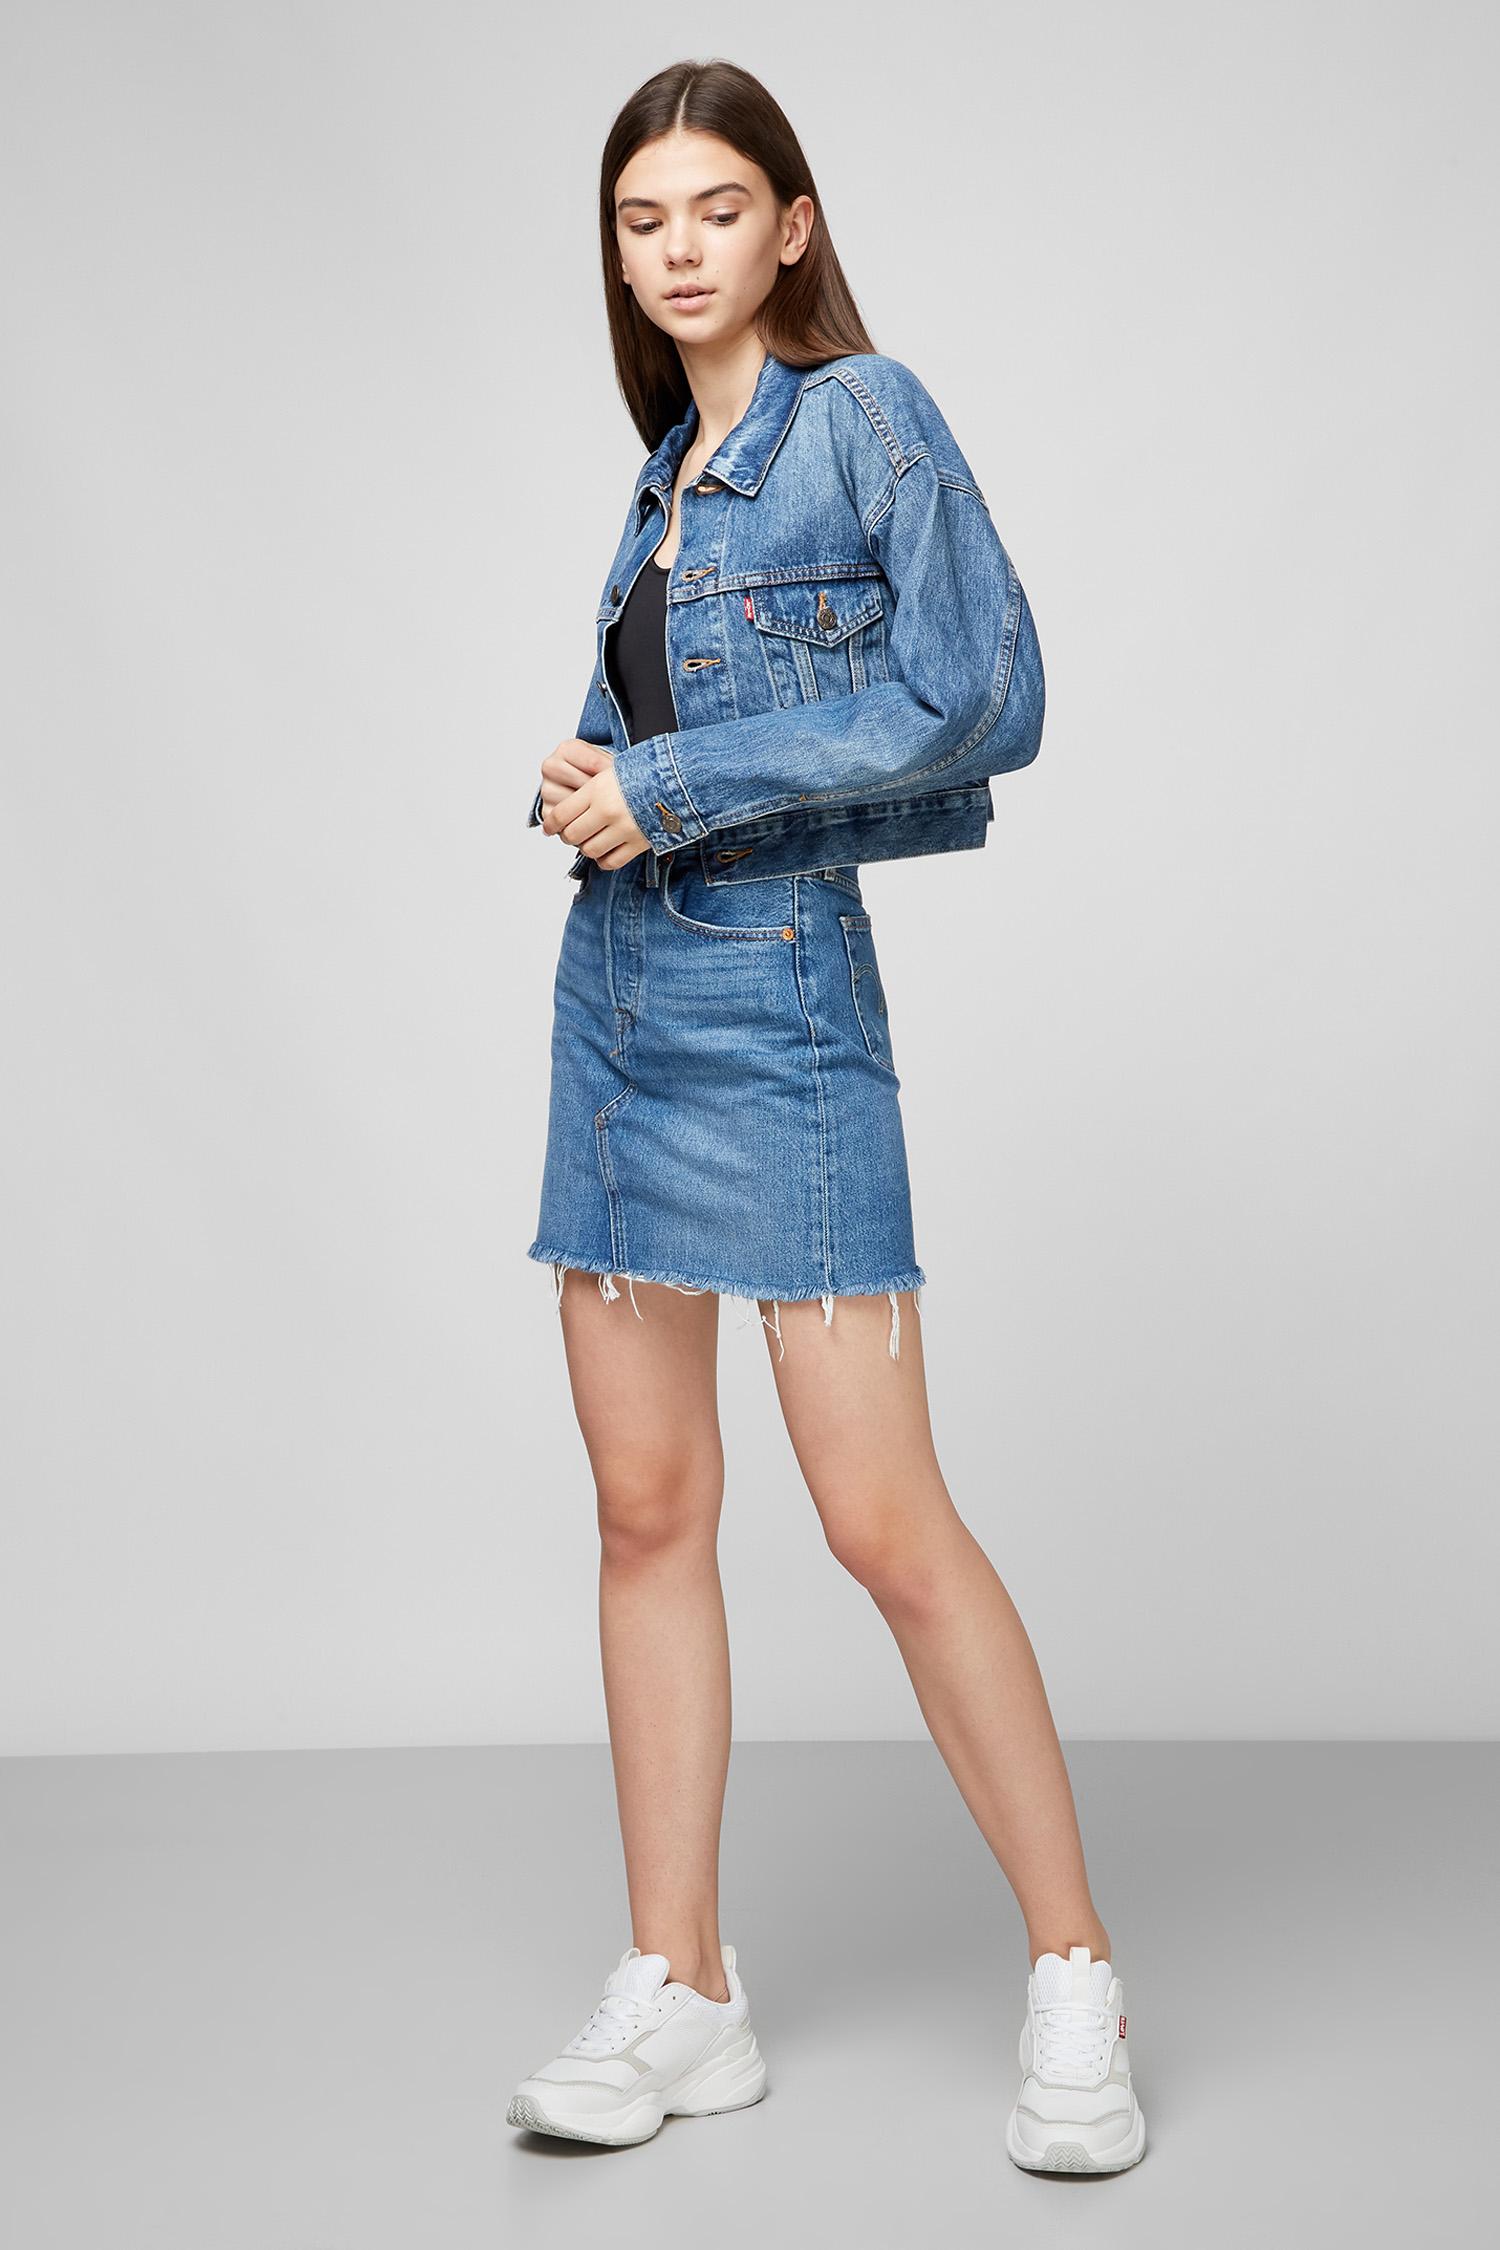 Синяя джинсовая юбка High-Rise Deconstructed Skirt для девушек Levi's 77882;0020